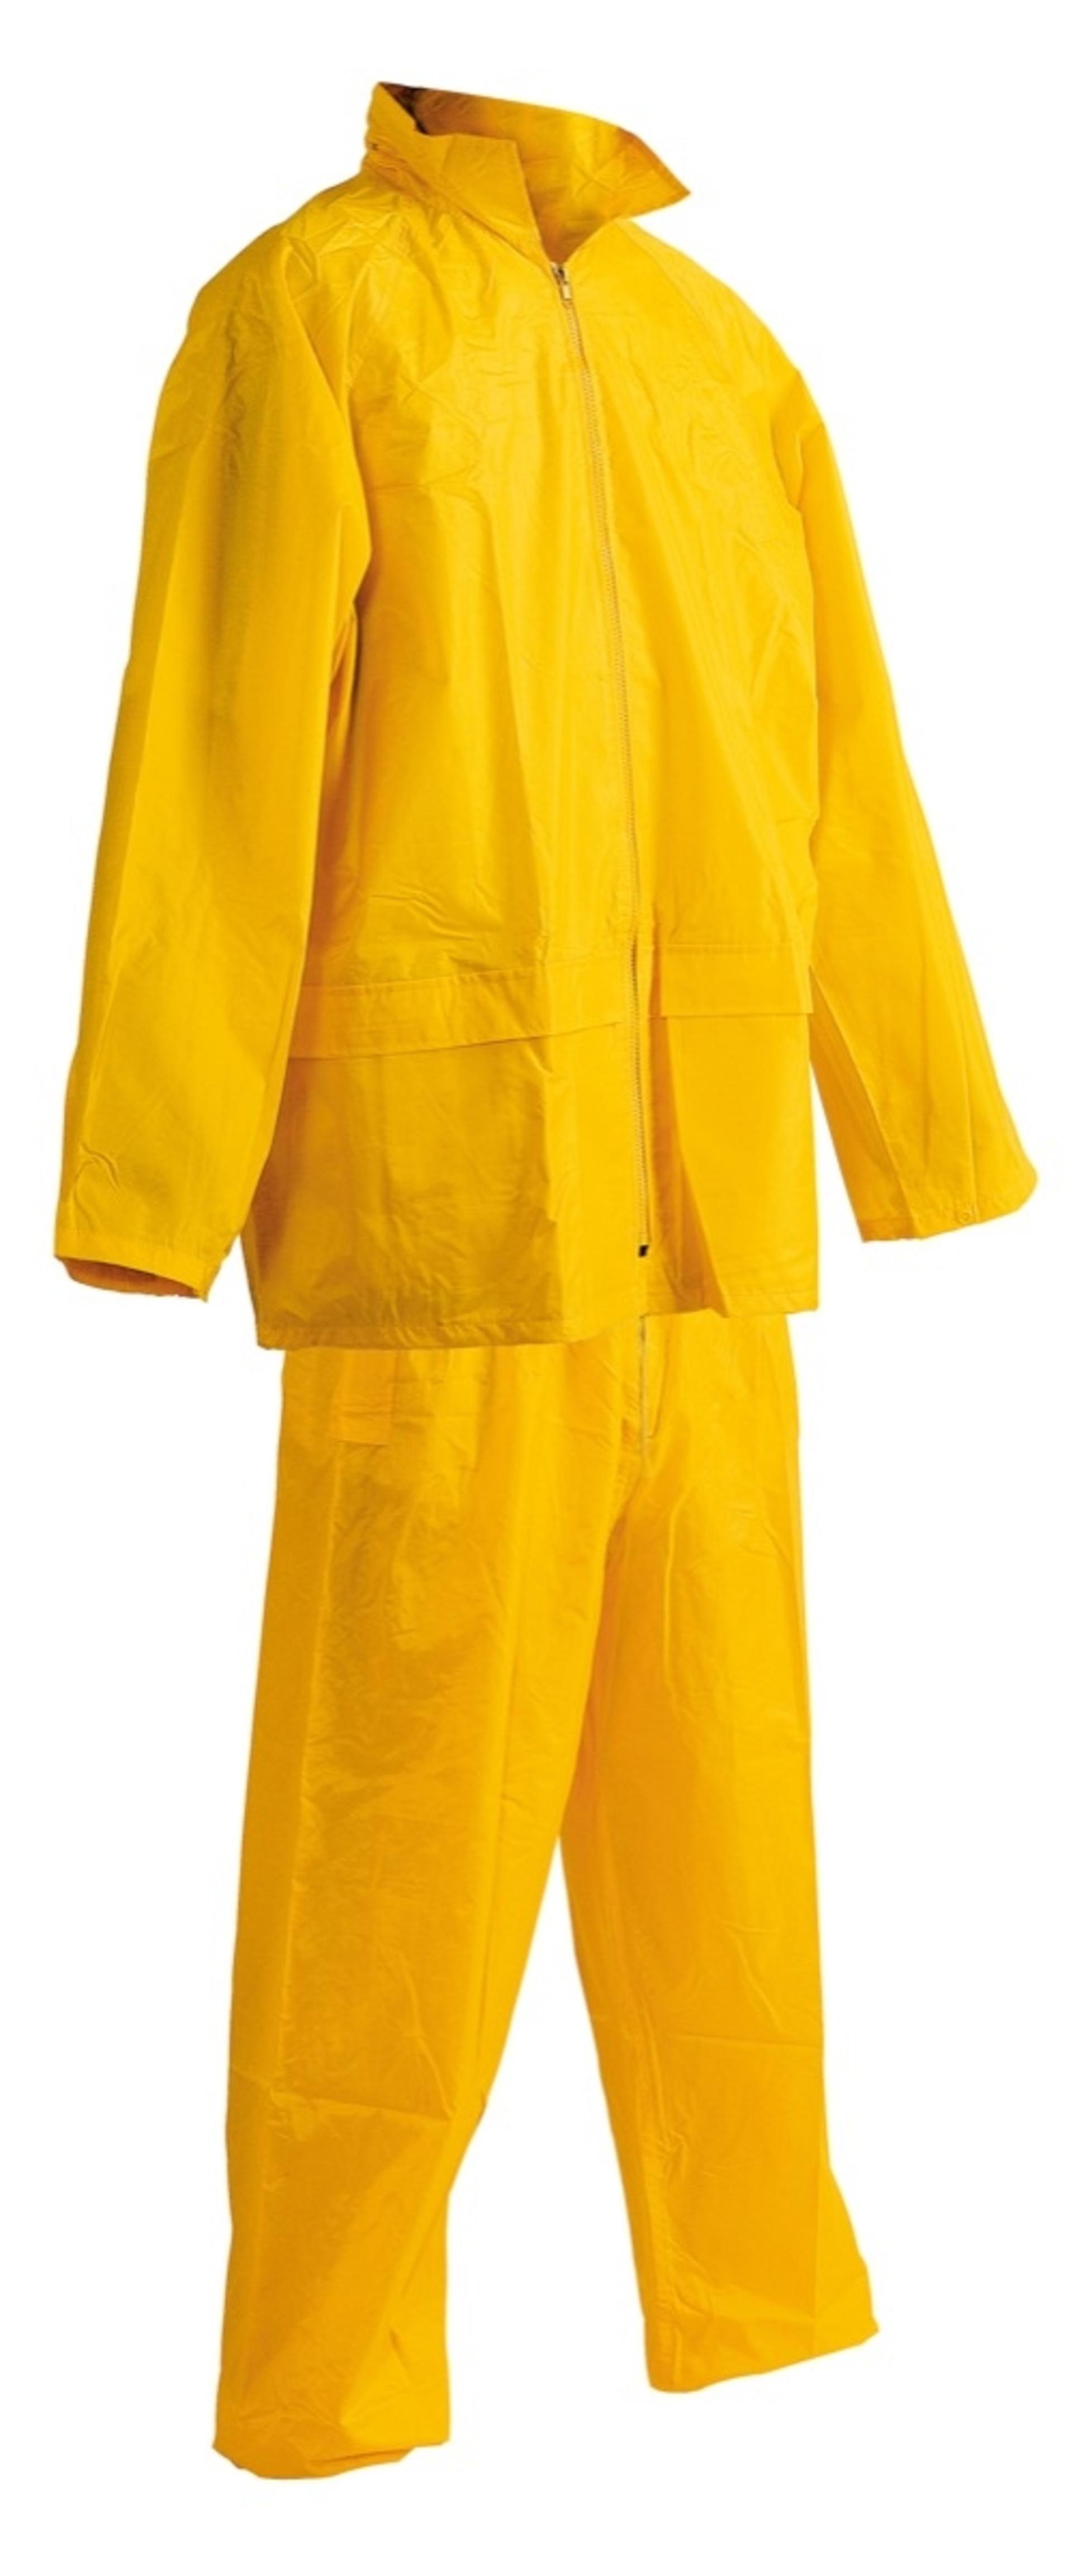 Cerva CARINA Oblek nepromokavý žlutá L + Bezplatné vrácení zboží